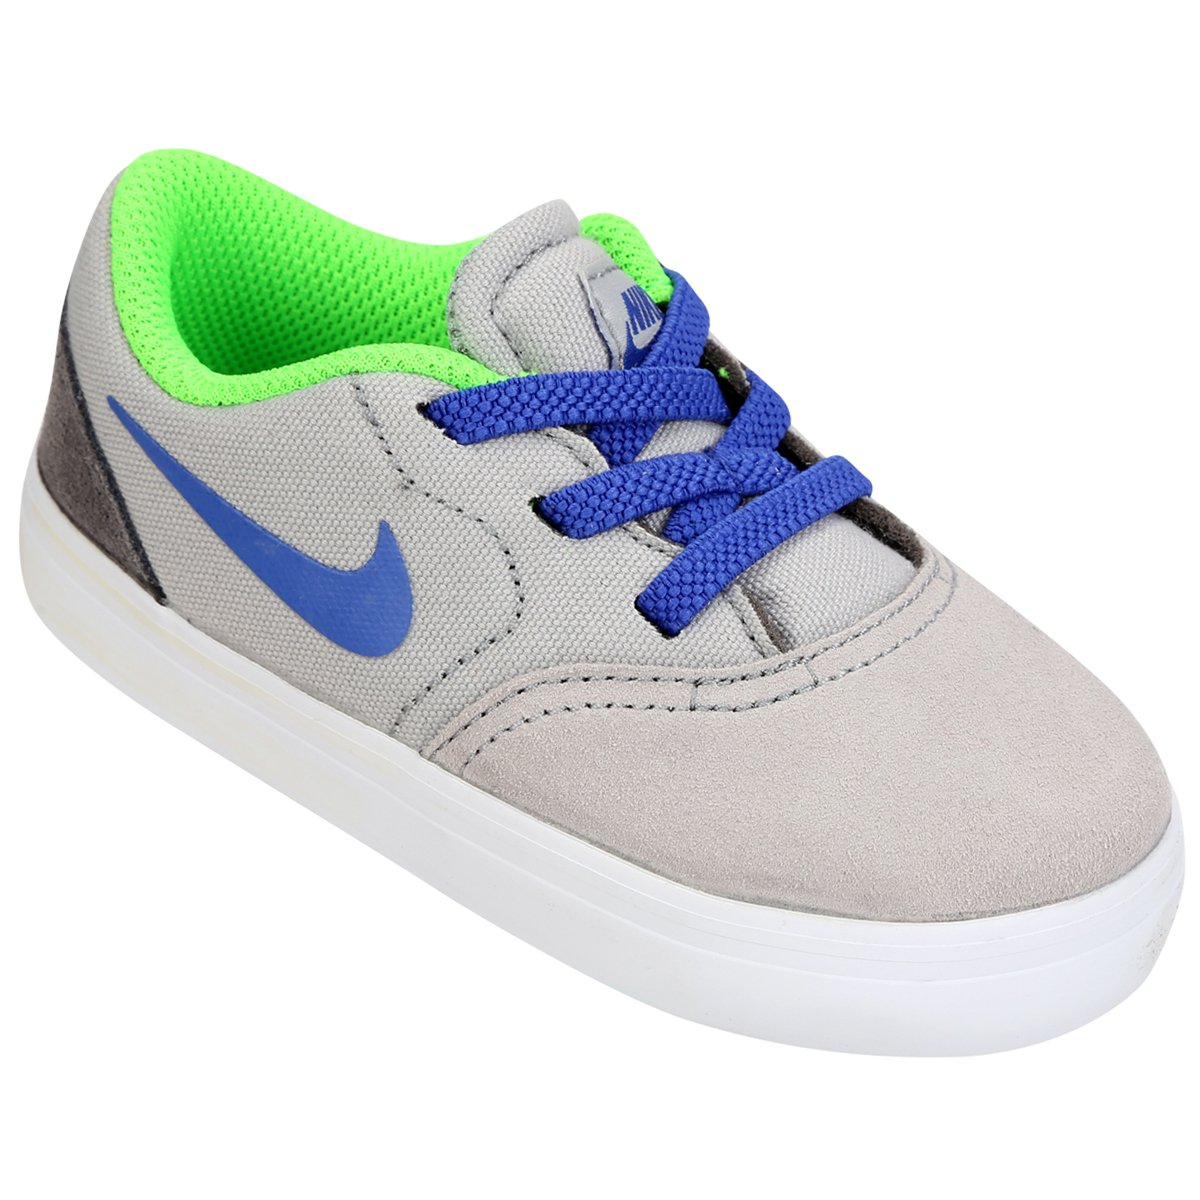 Tênis Nike SB Check Infantil - Compre Agora  5f11c16cabd78